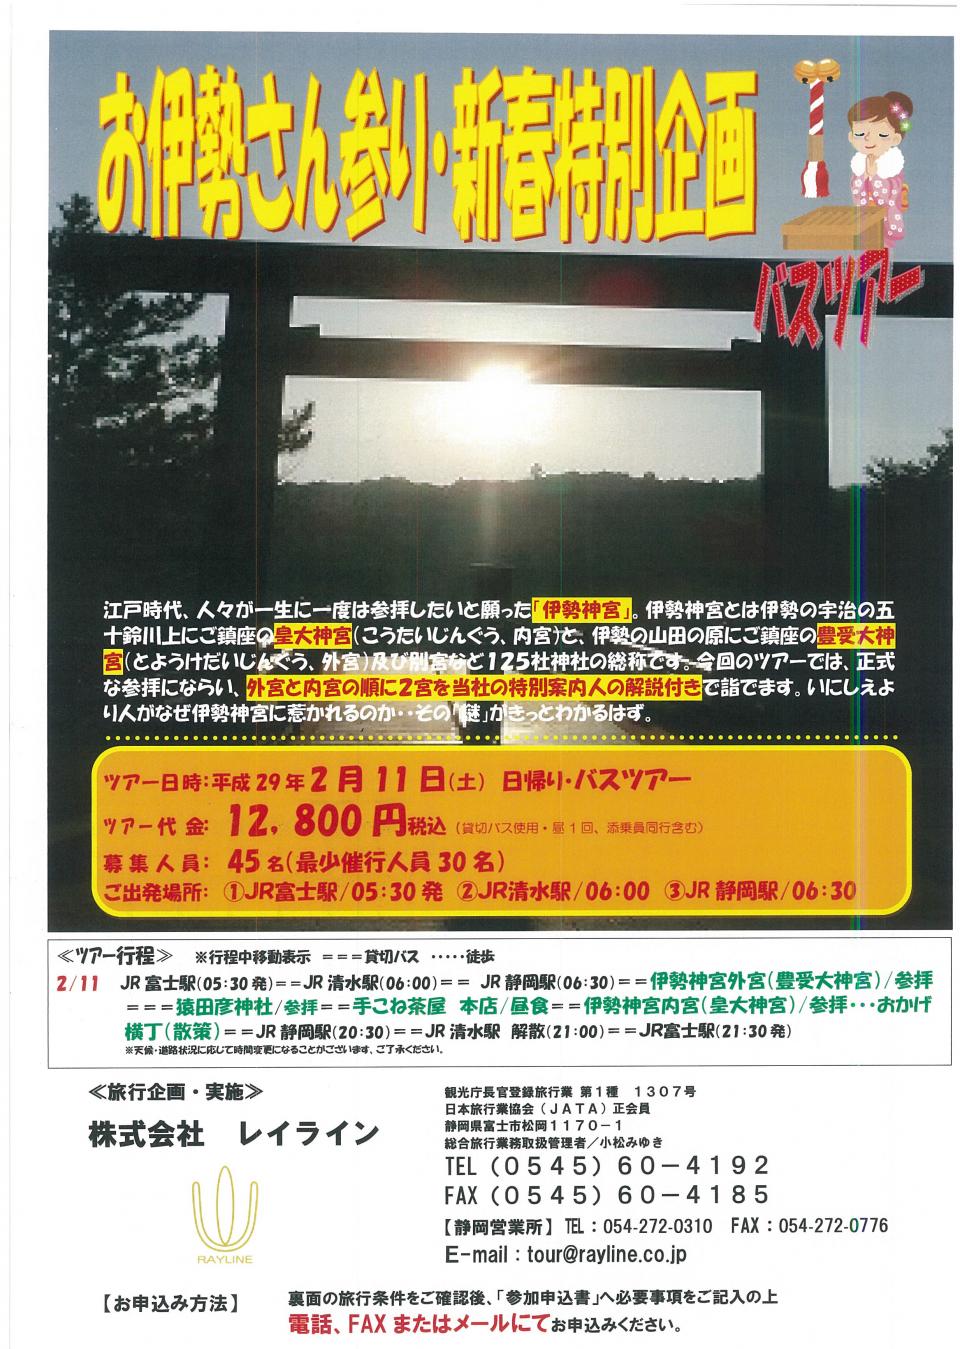 お伊勢参り 2017